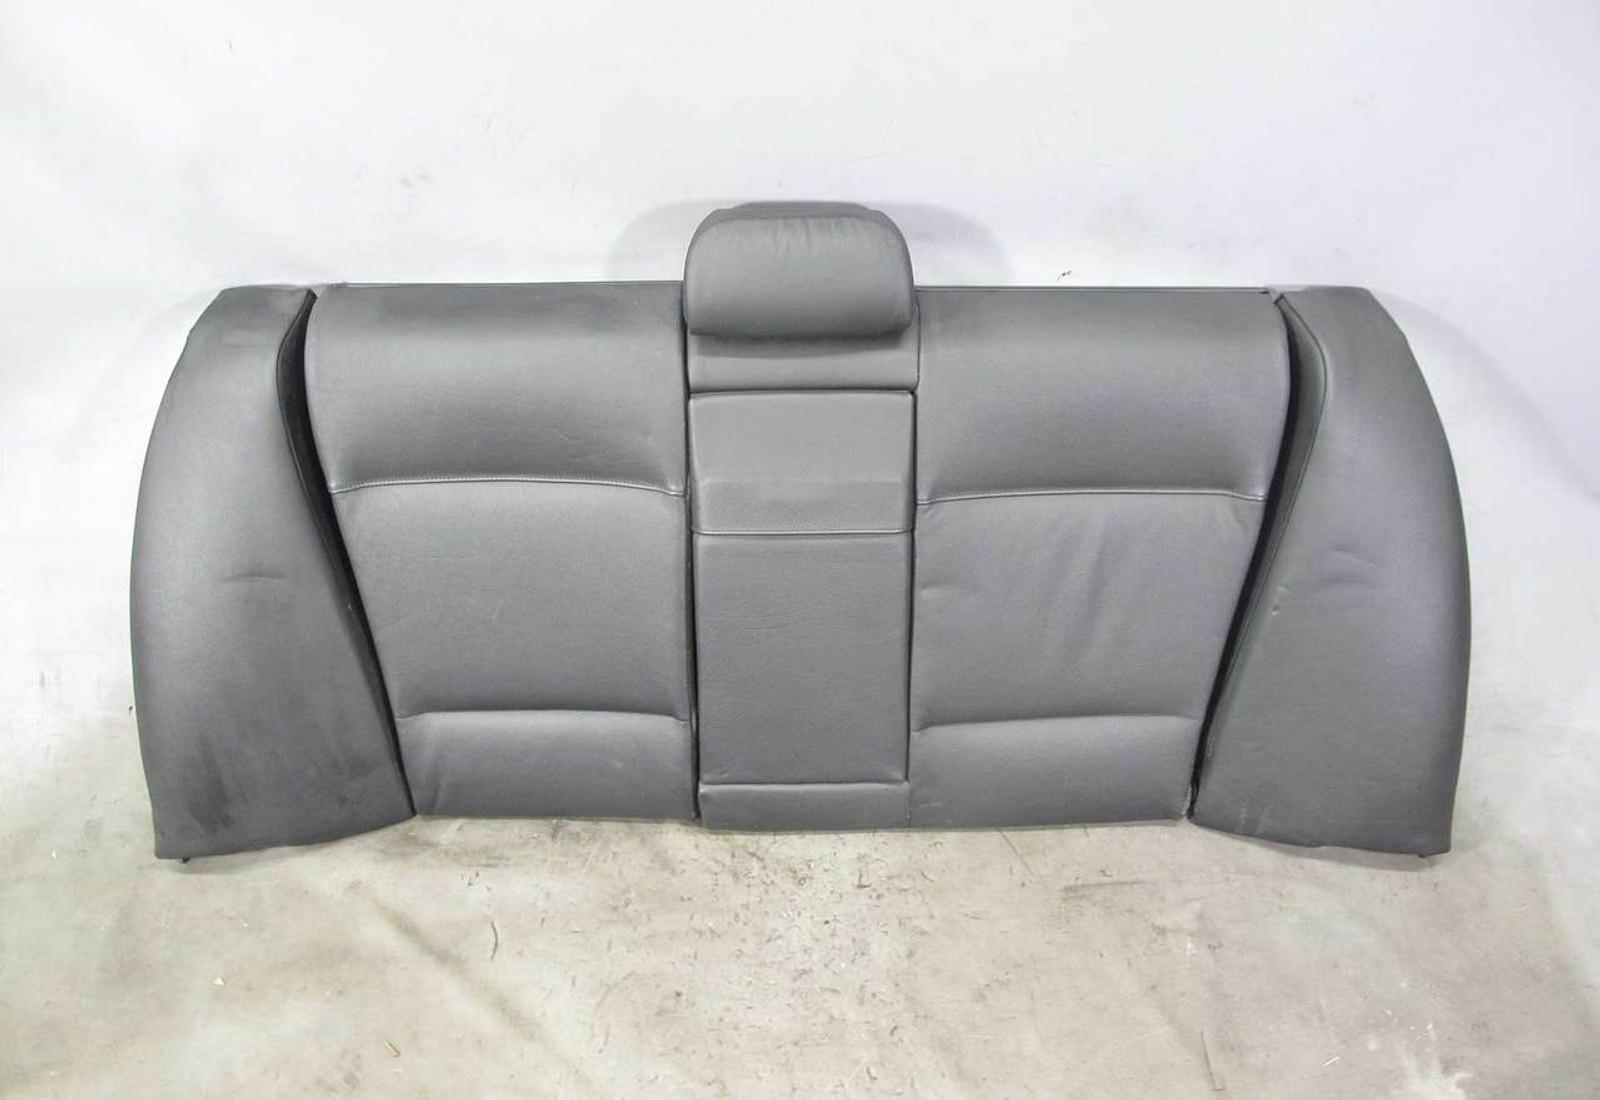 1999 2005 Bmw E46 3 Series Sedan Rear Folding Seat Backrest Black Leather Oem 21727 Prussian Motors